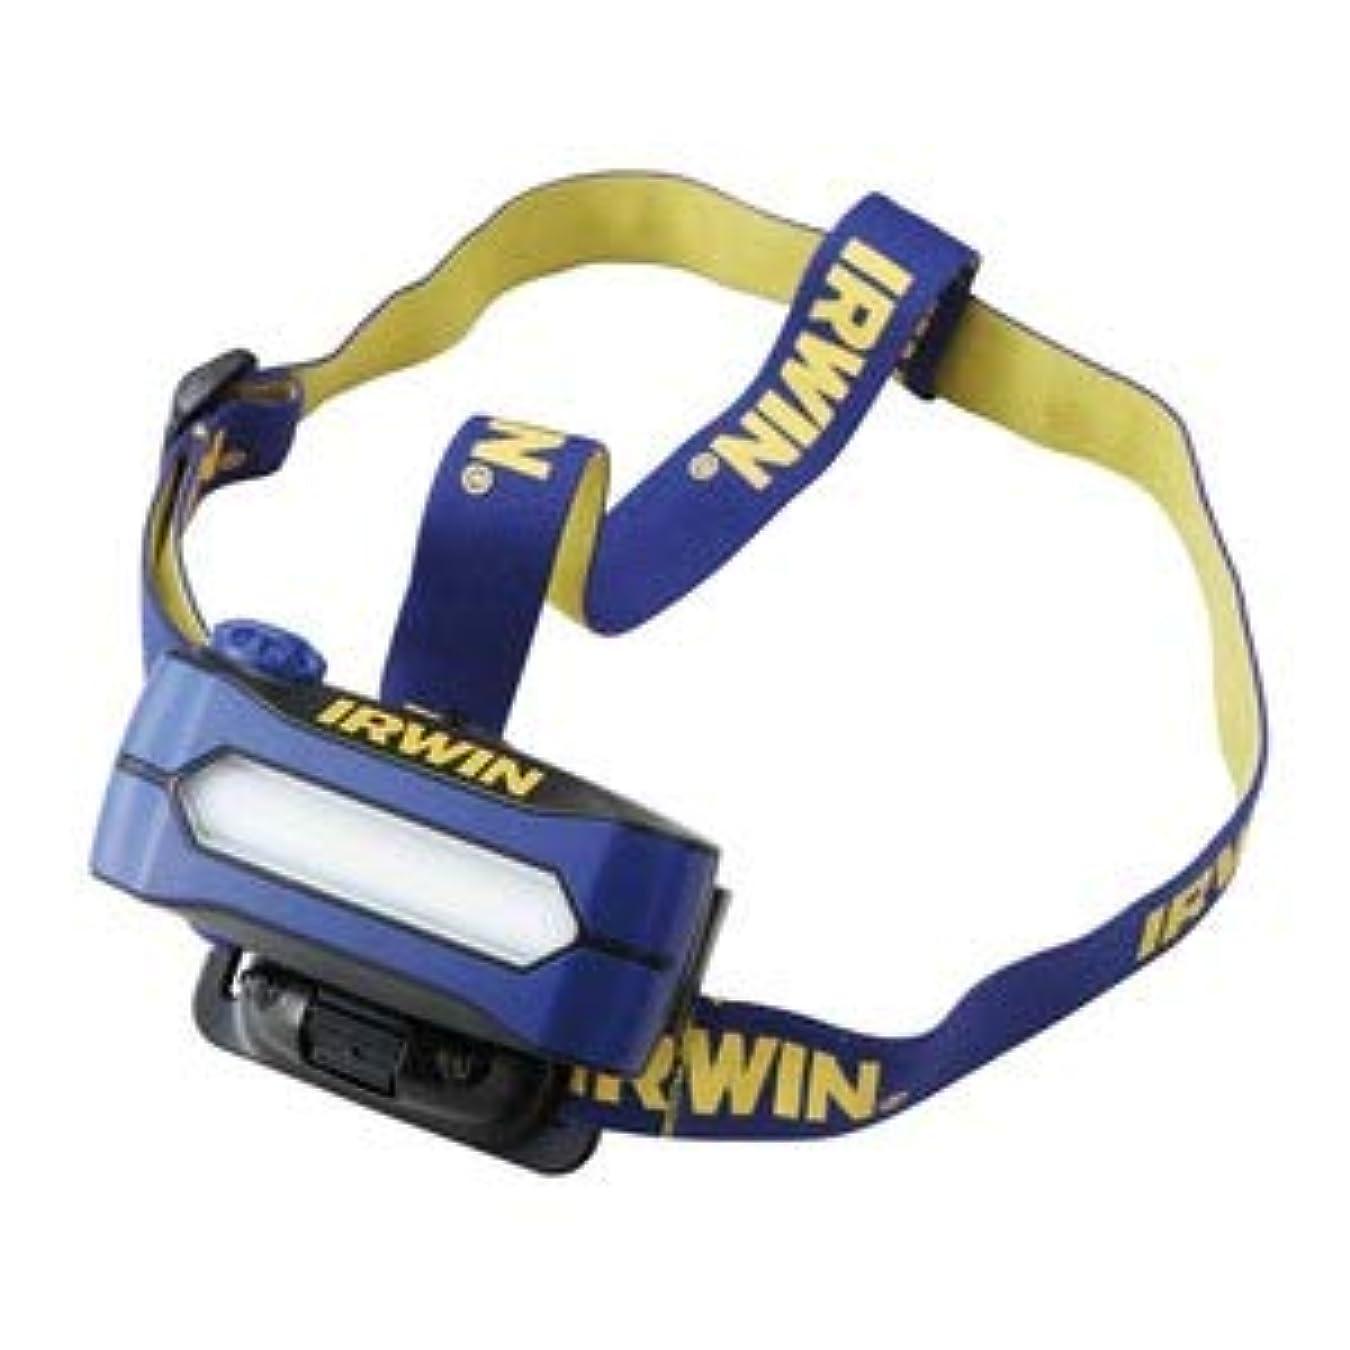 不適当指令そこIRWIN(アーウィン) 5W COBLED ヘッドライト 400LUMENS 2011888